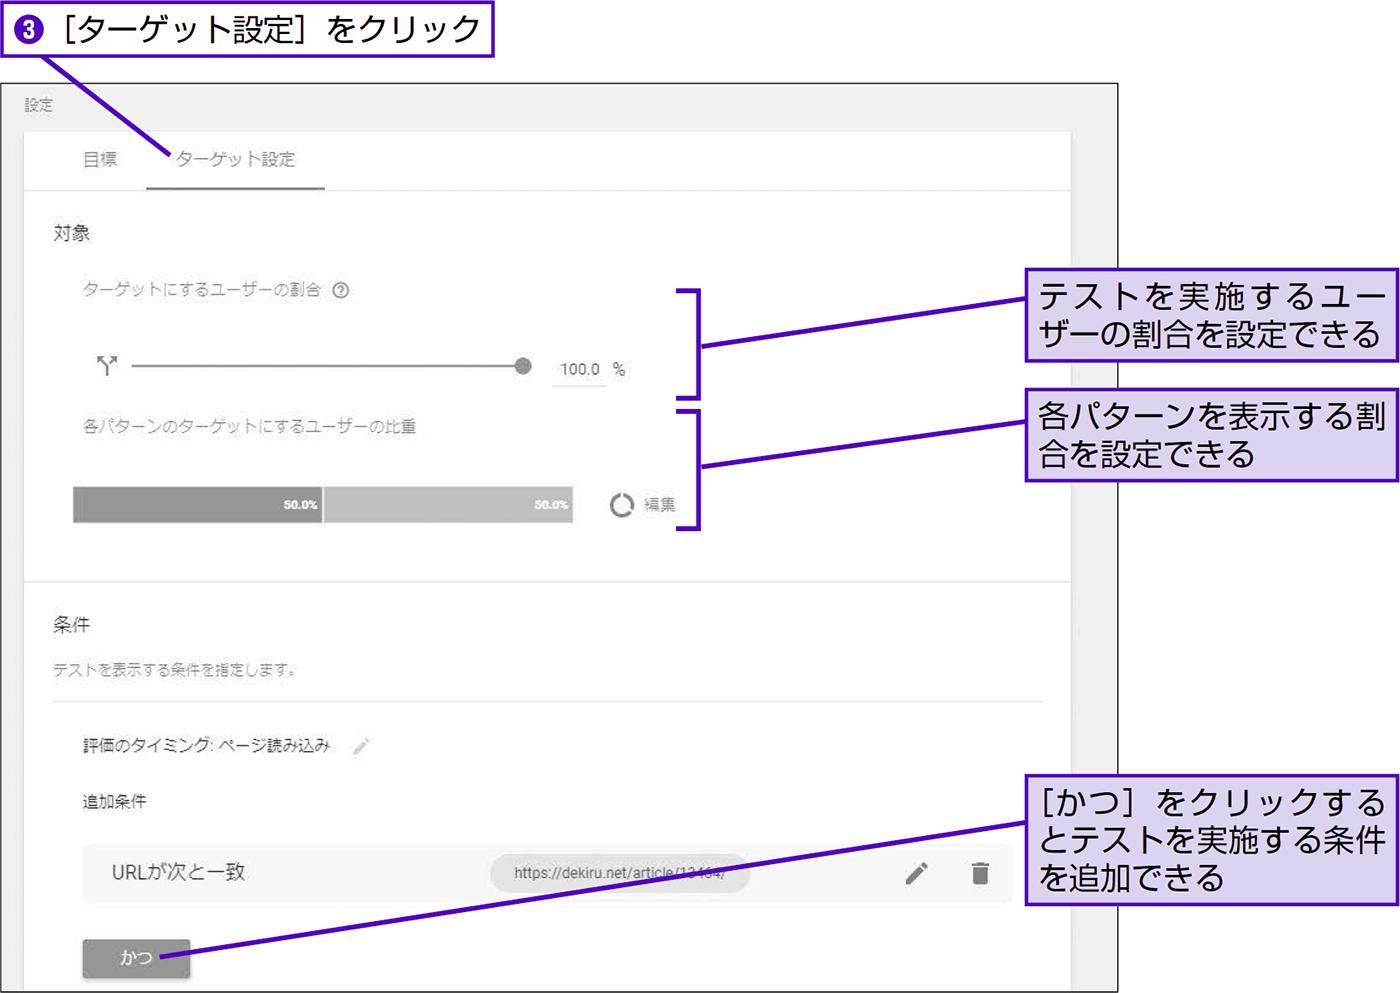 対抗パターンと目標を設定してA/Bテストを開始する - できる逆引き Googleアナリティクス 増補改訂2版